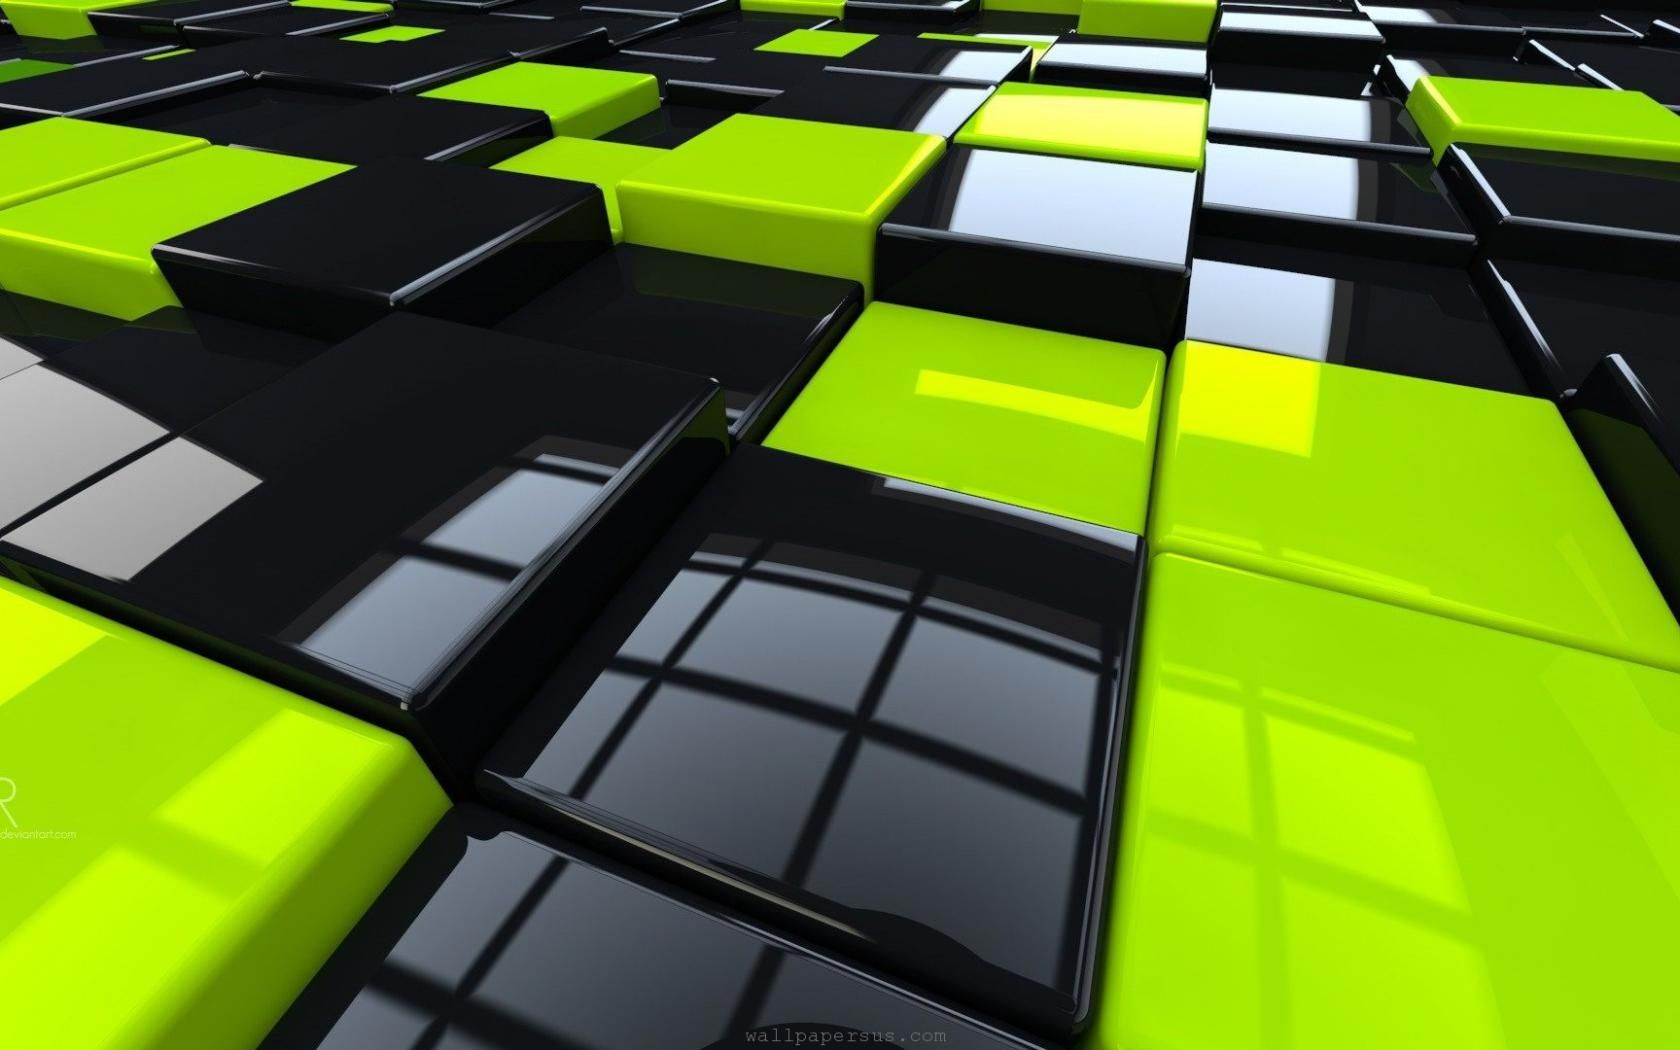 3d Wallpaper High Definition In 2019 3d Cube Wallpaper